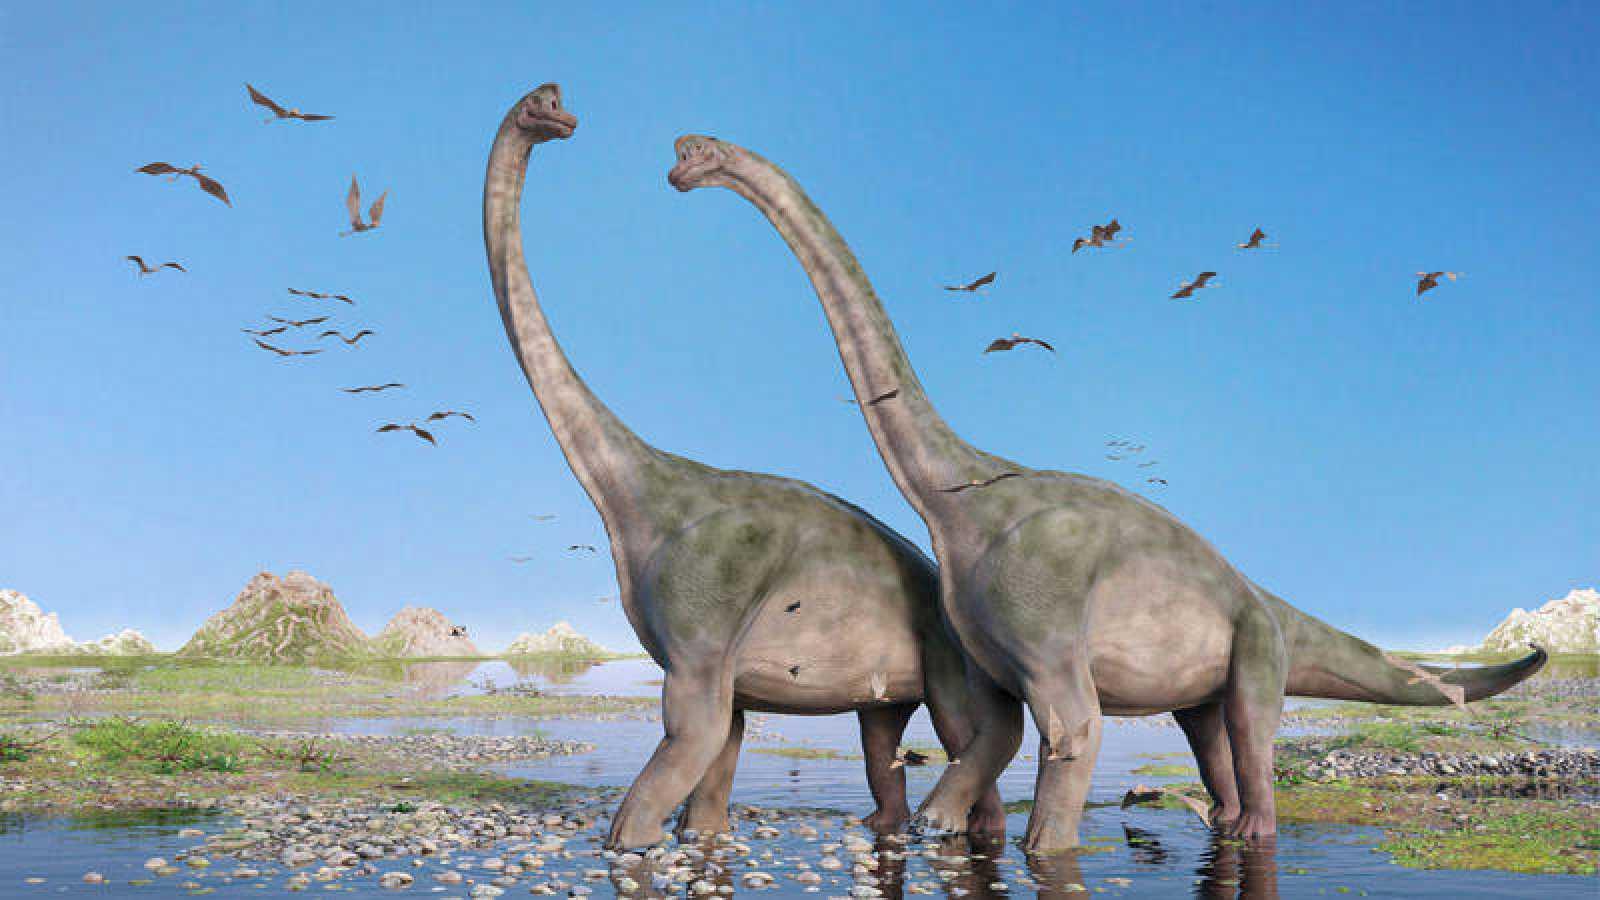 Un estudio científico vincula la expansión de los dinosaurios con una extinción masiva por una época de lluvias